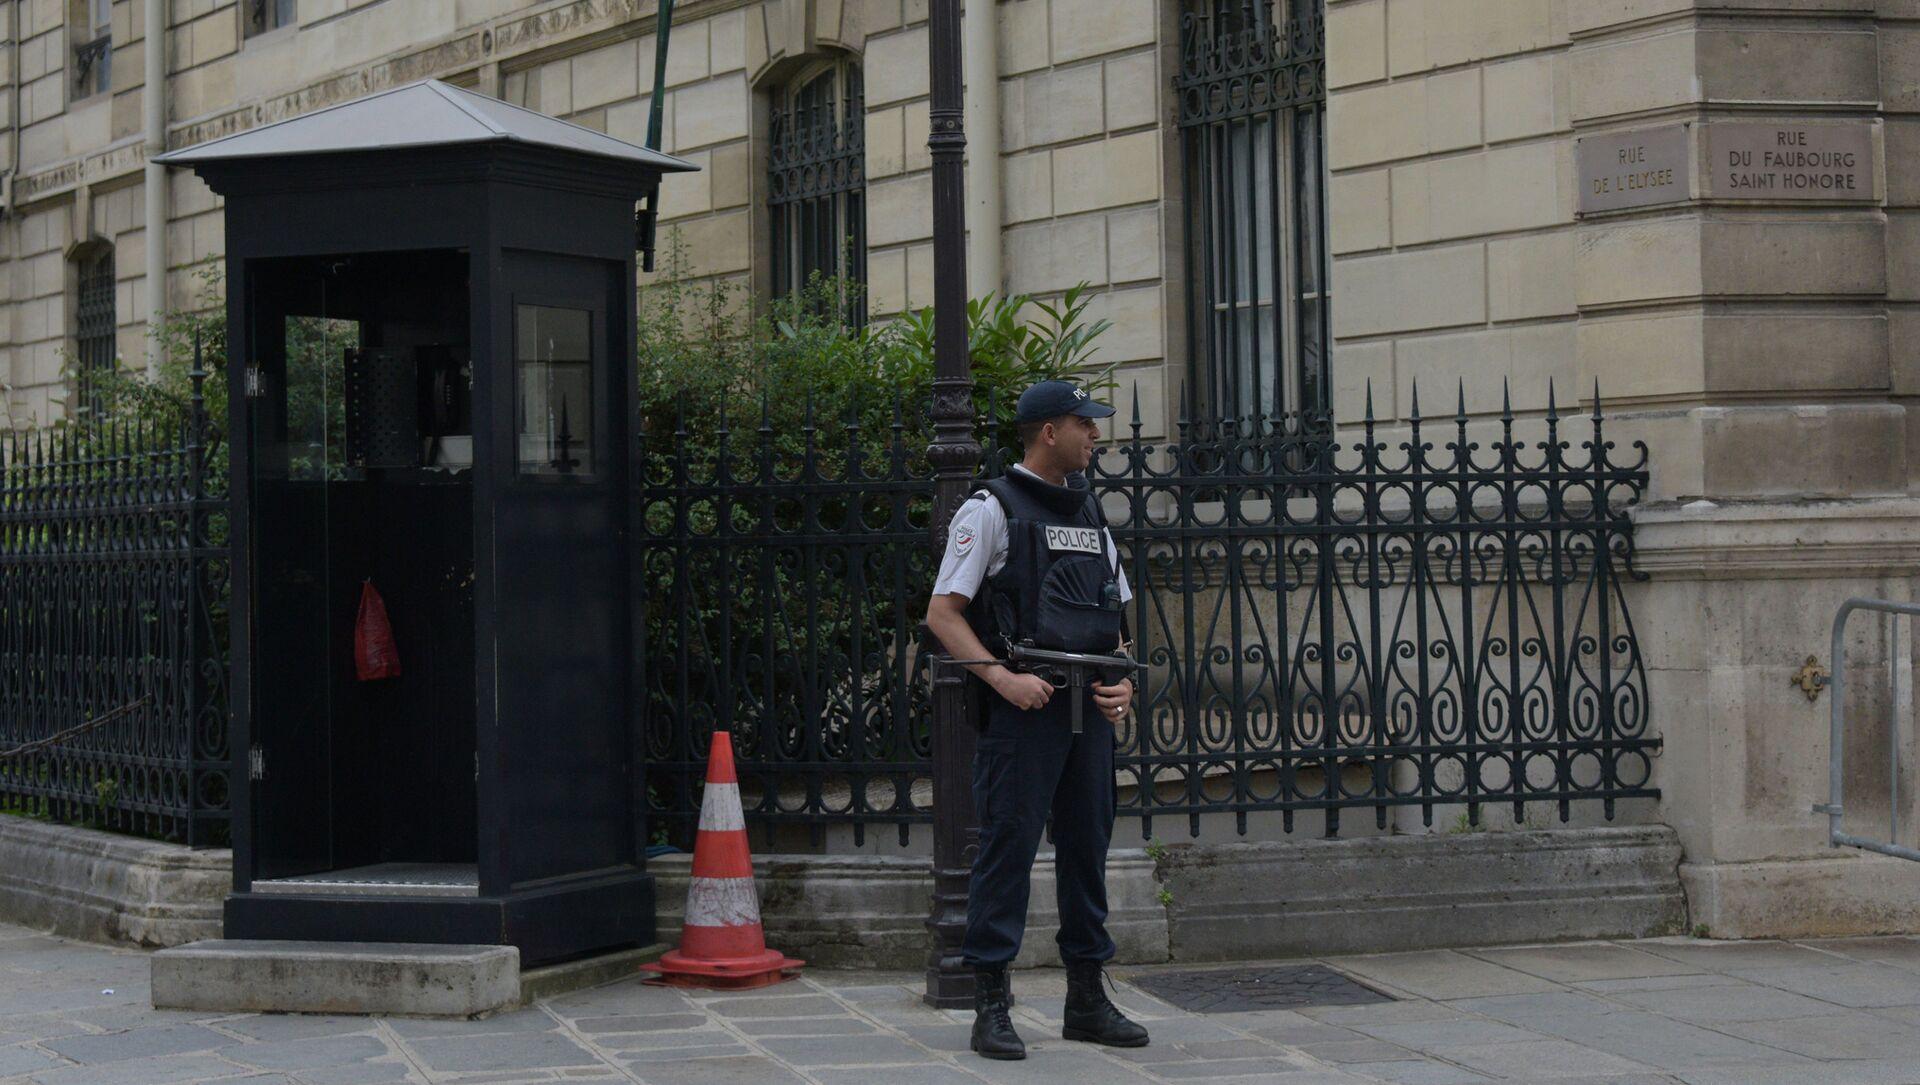 Un agent de police près du Palais de l'Élysée - Sputnik France, 1920, 28.04.2021